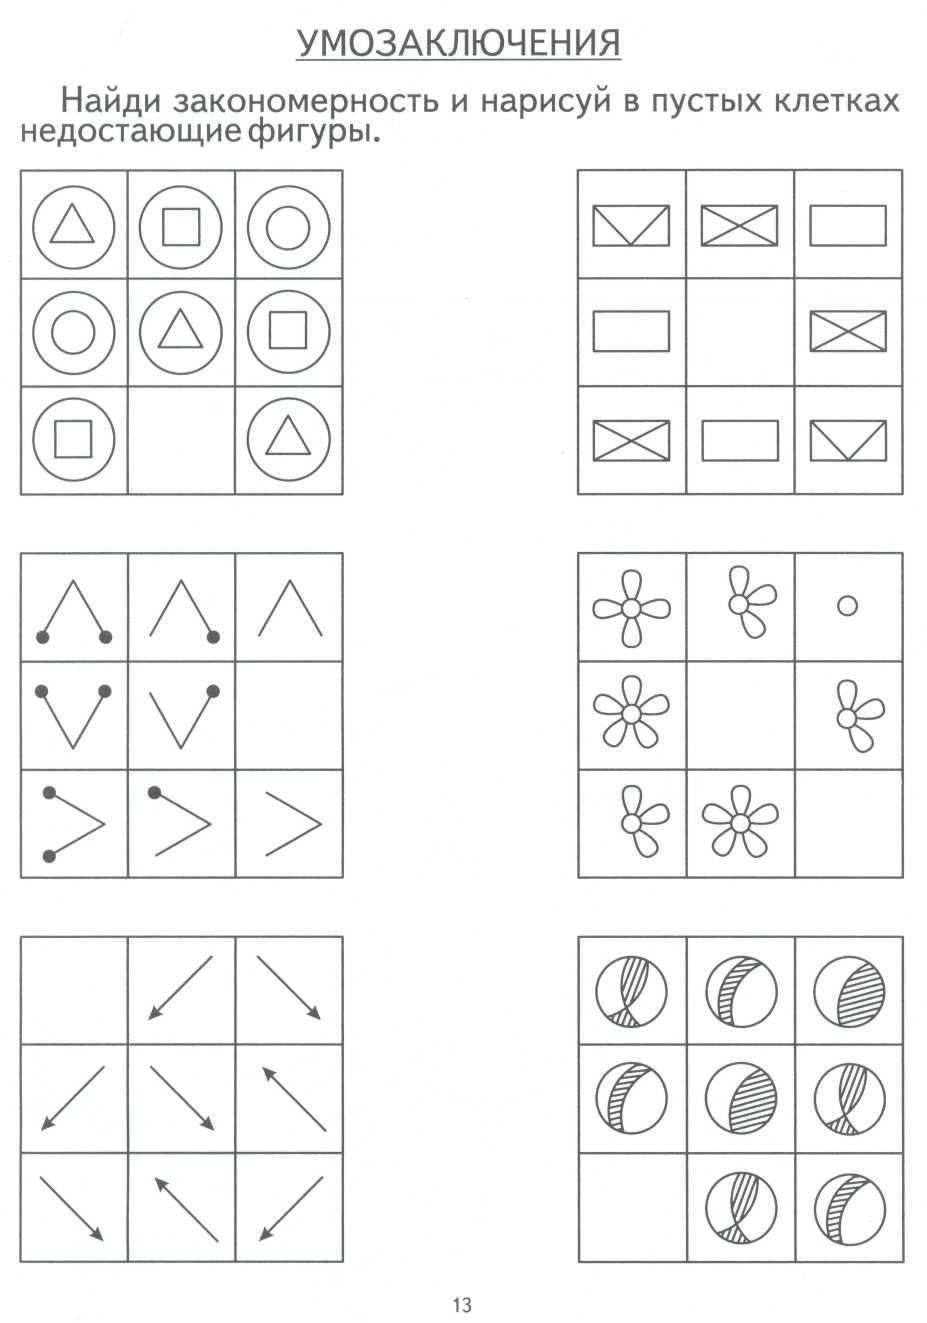 картинки по логическому мышлению персонаж, появляющийся